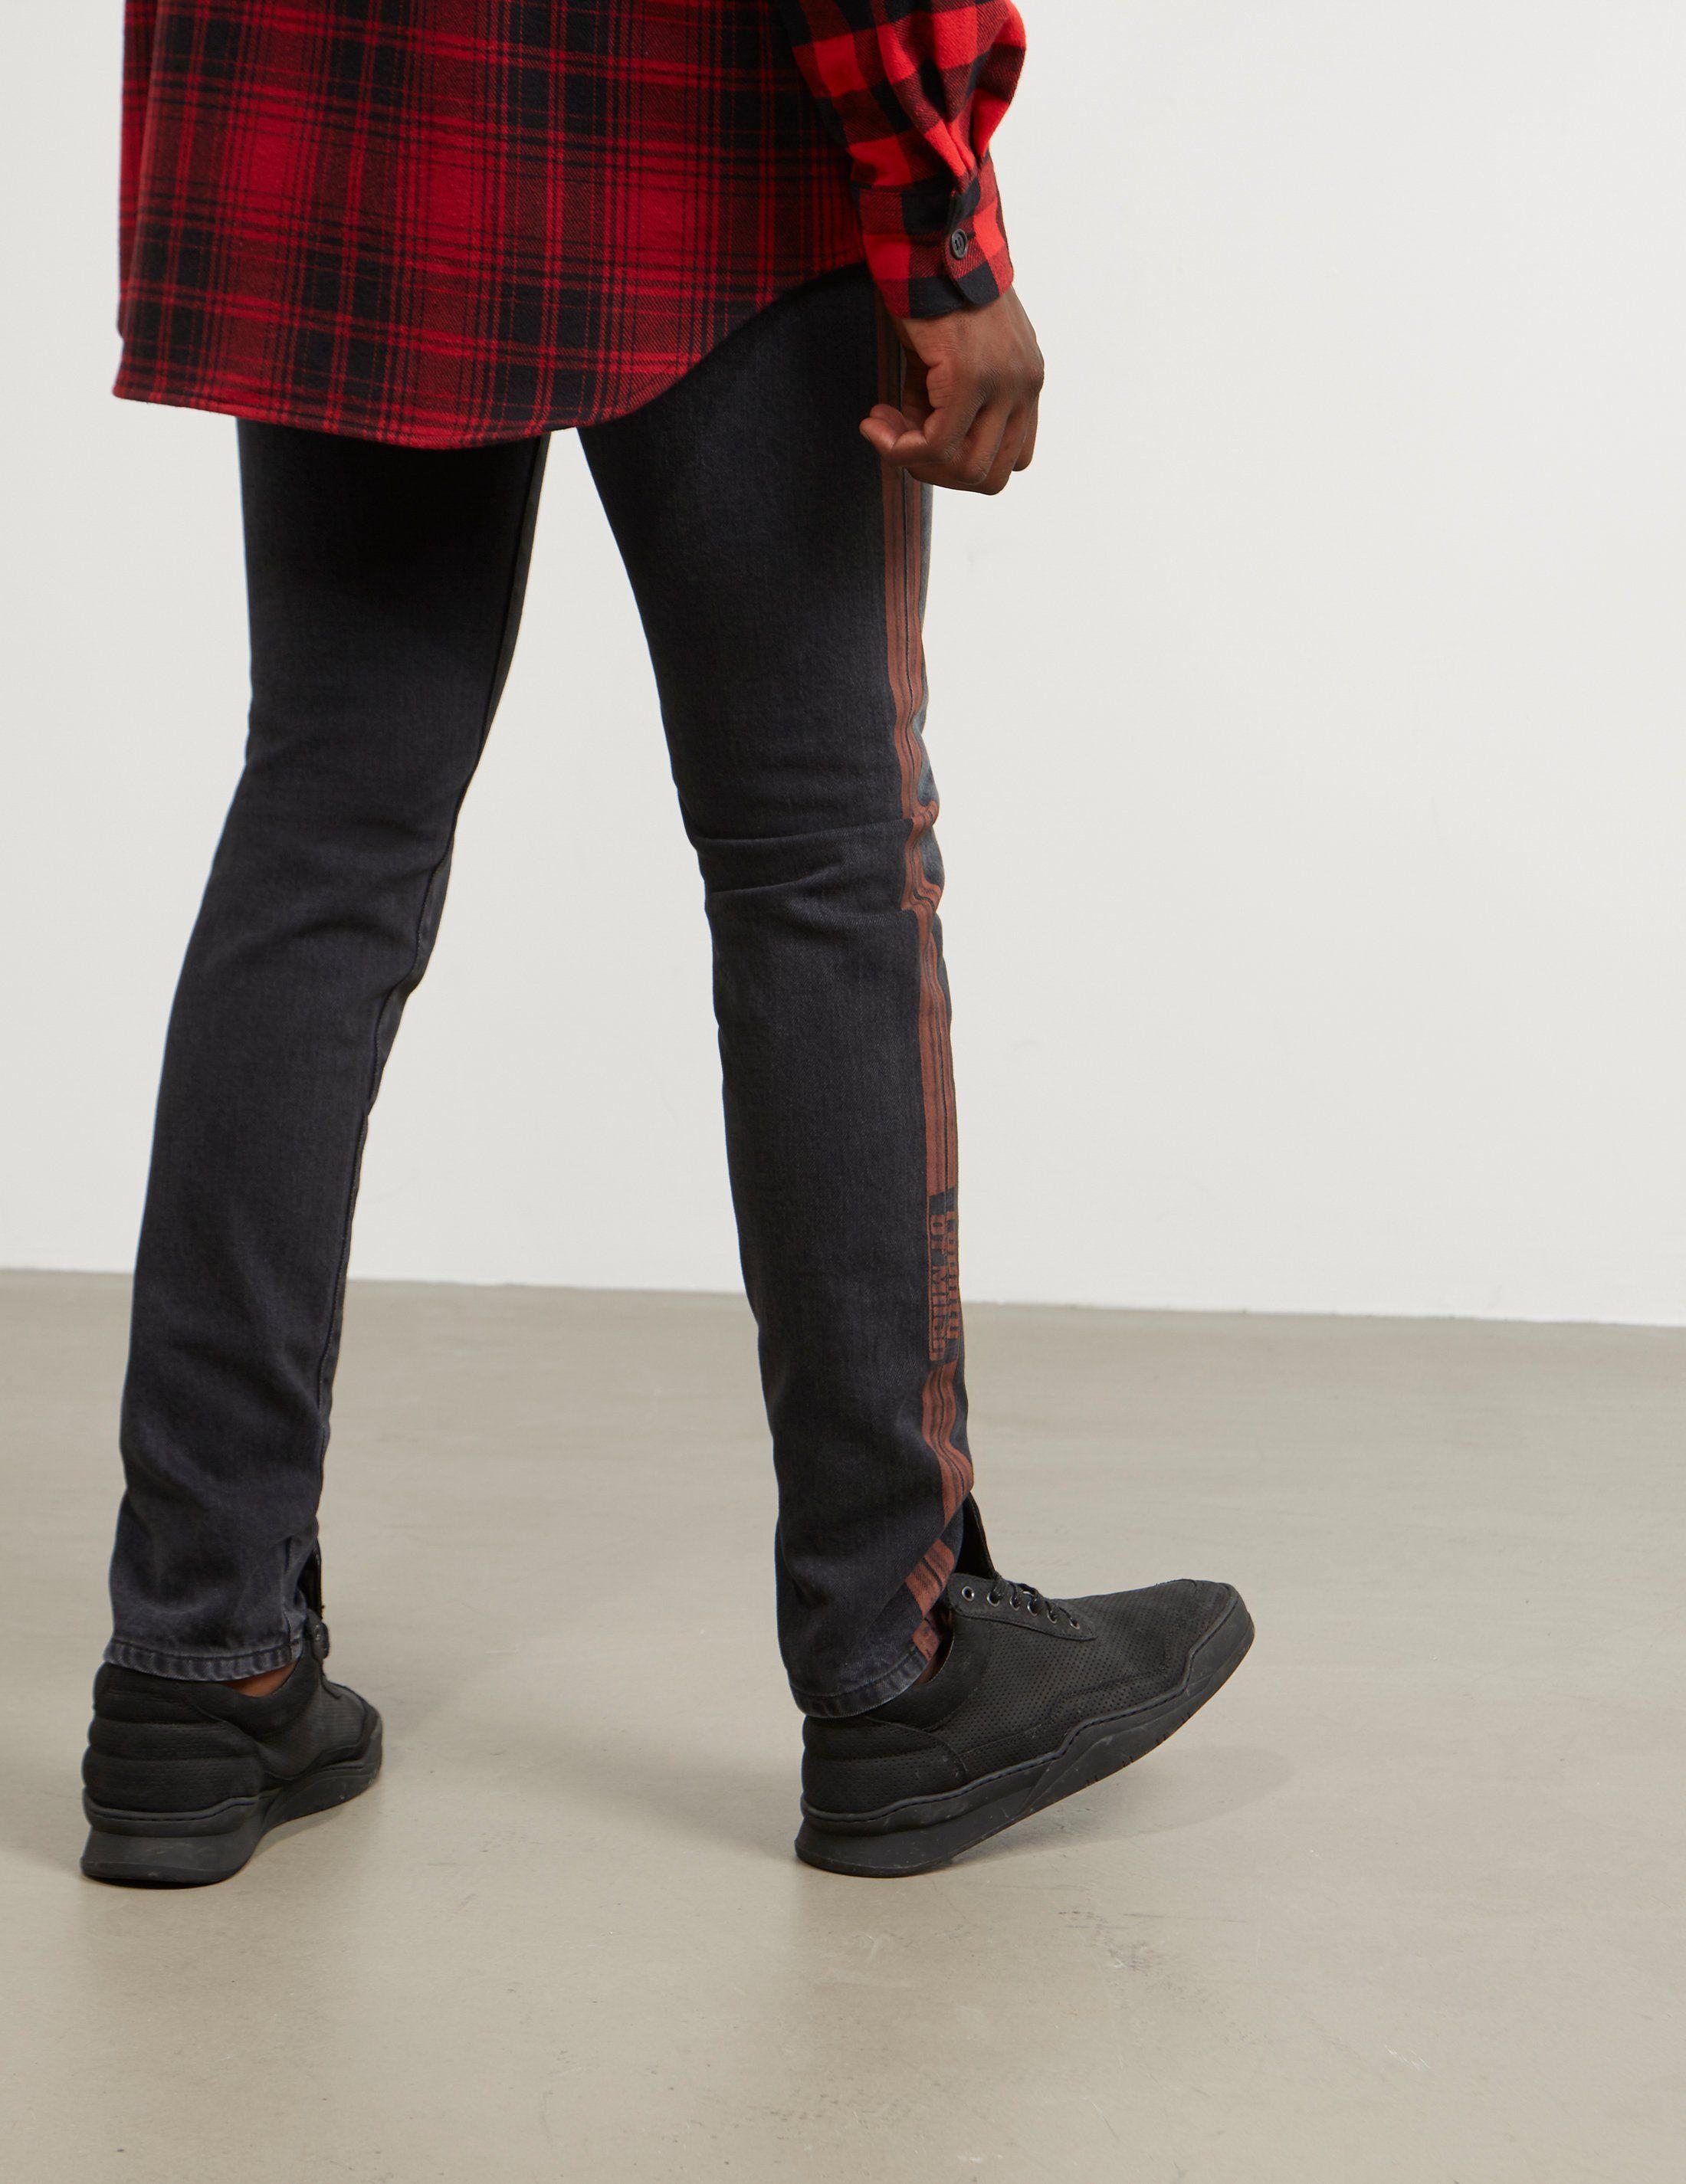 Marcelo Burlon Stripe Jeans - Online Exclusive